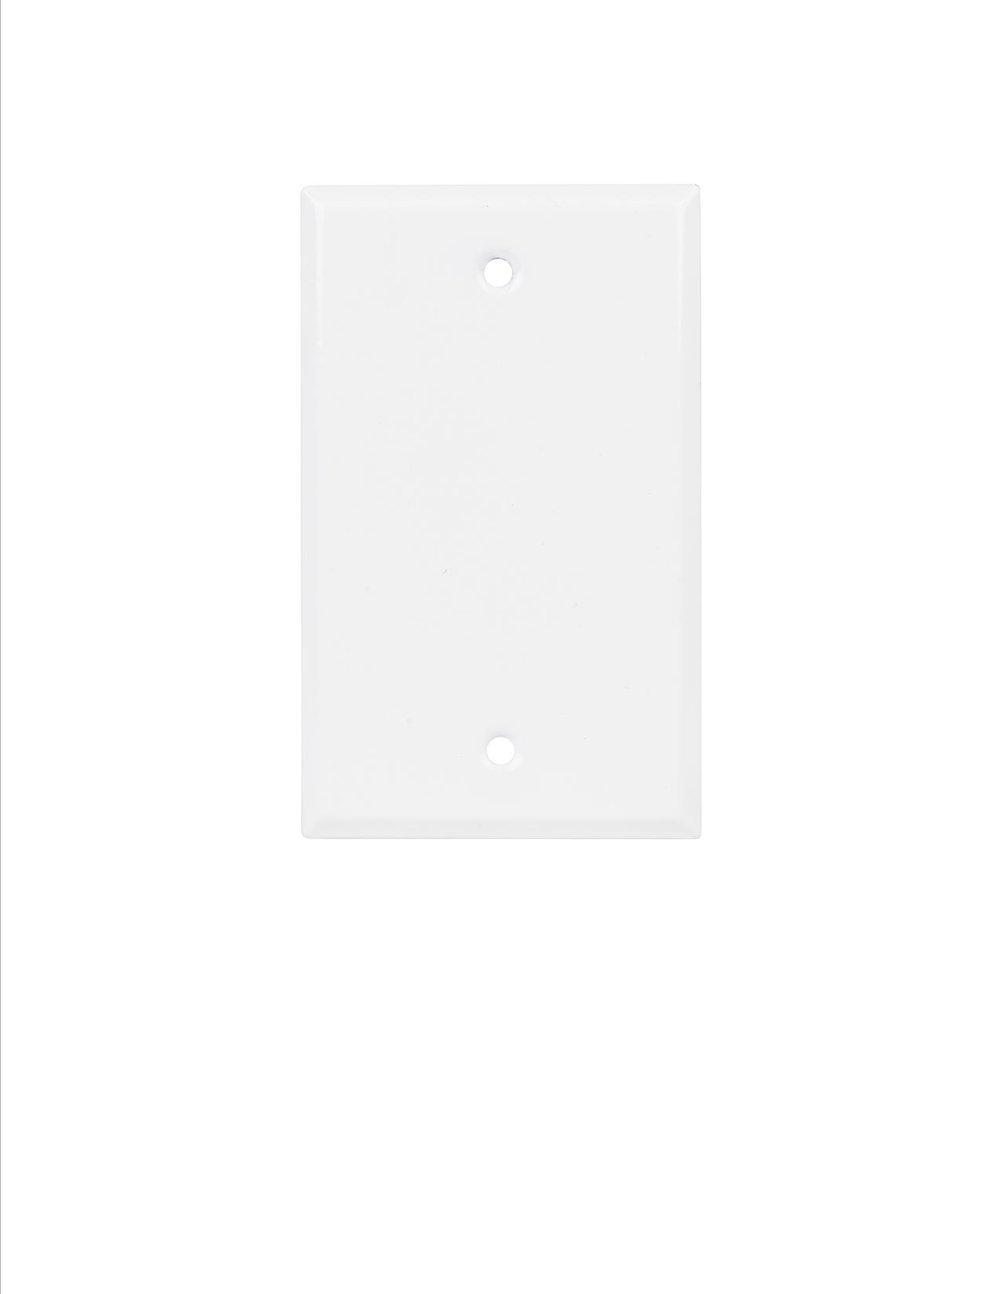 Q-ROOM PLATE WHITE 1.jpg